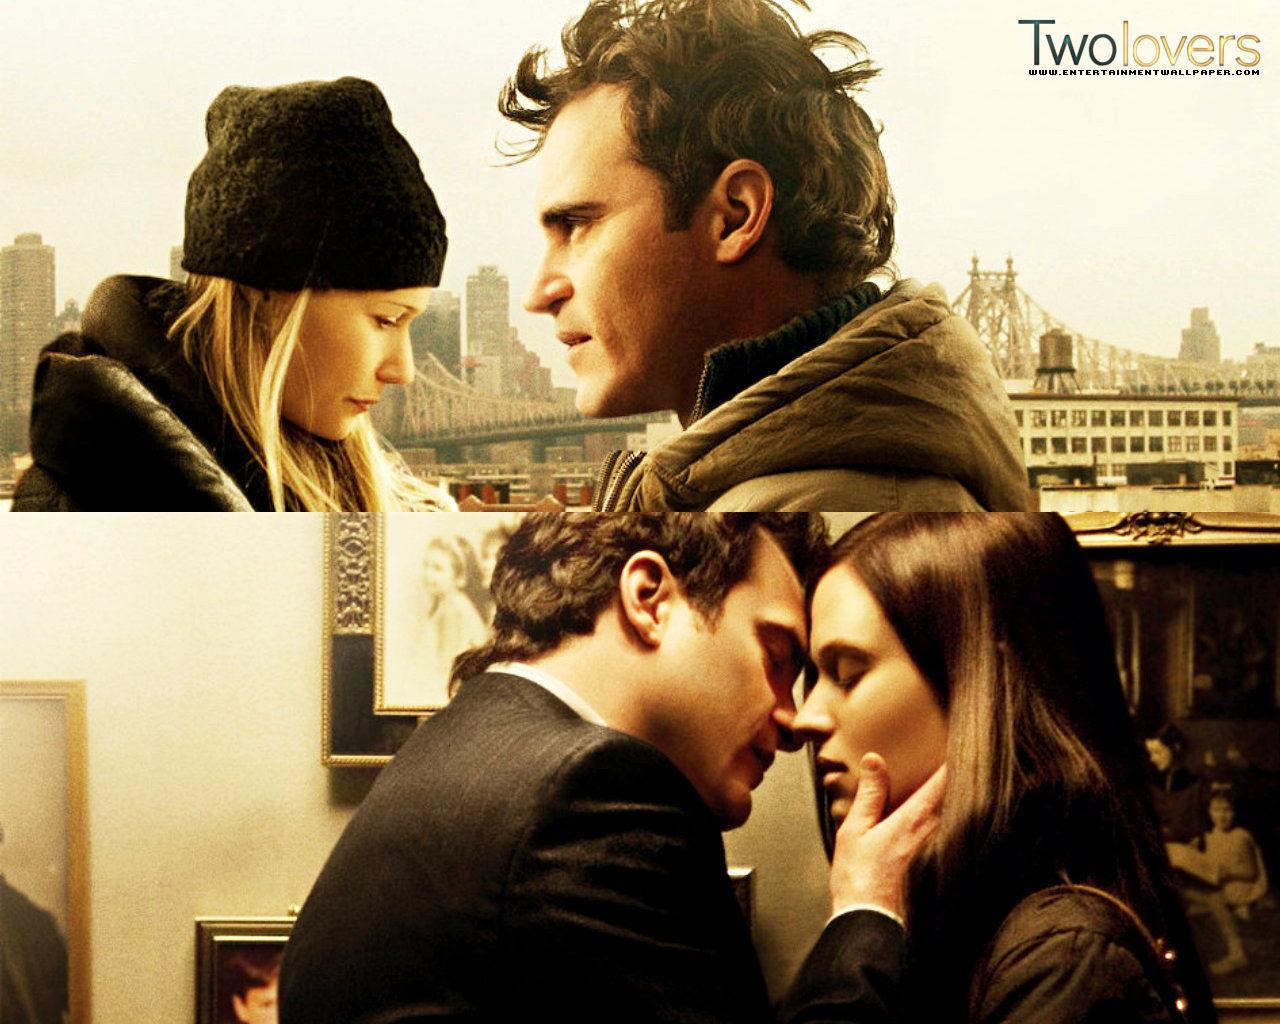 http://4.bp.blogspot.com/_qEzZjMnNzbE/S_nF3CIMcwI/AAAAAAAAABc/RSWvDT9z8YA/s1600/two_lovers.jpg